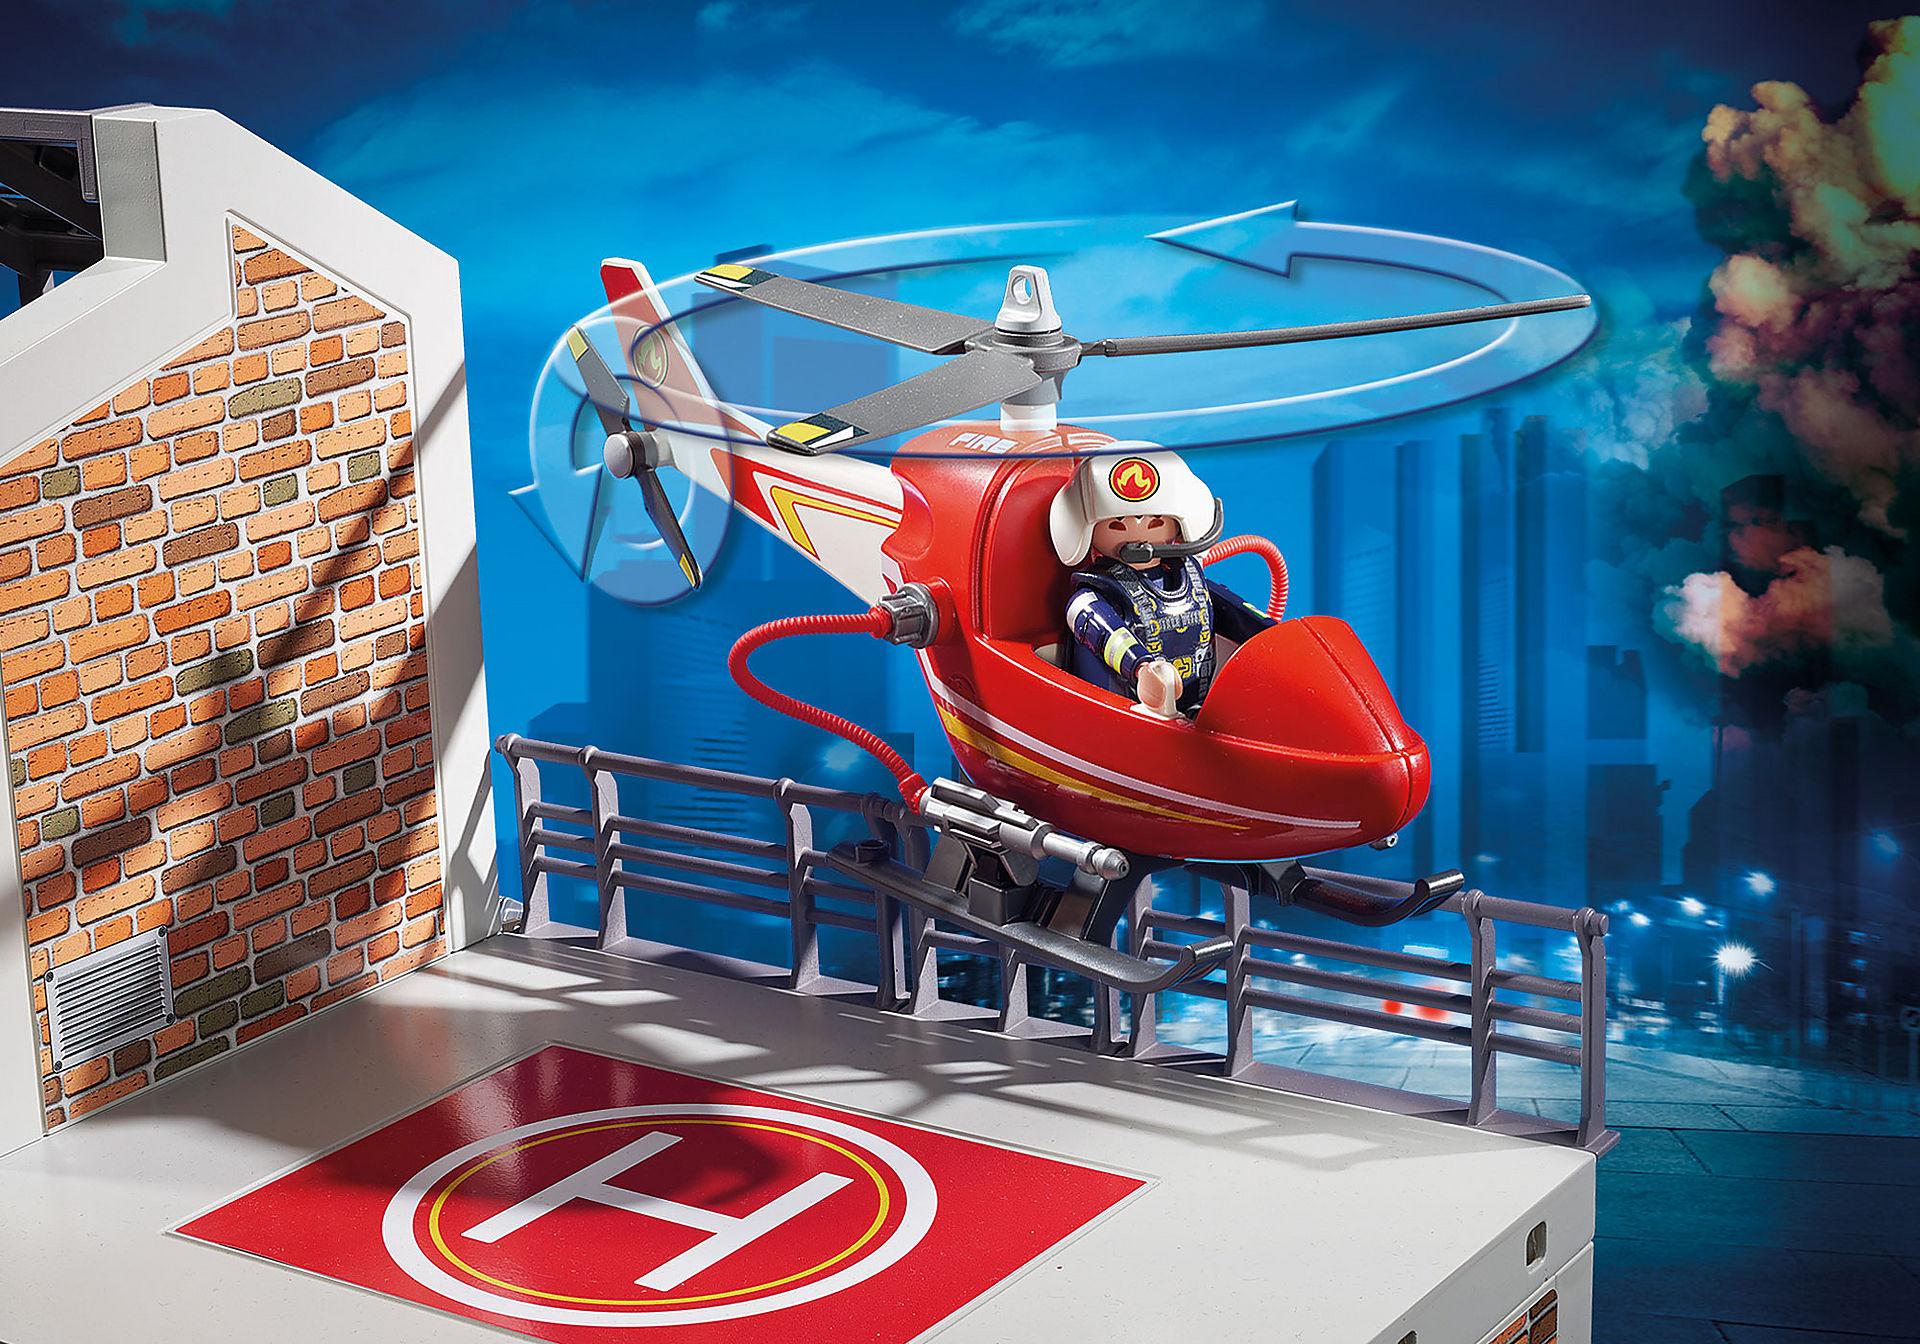 http://media.playmobil.com/i/playmobil/9462_product_extra1/Quartel de Bombeiros